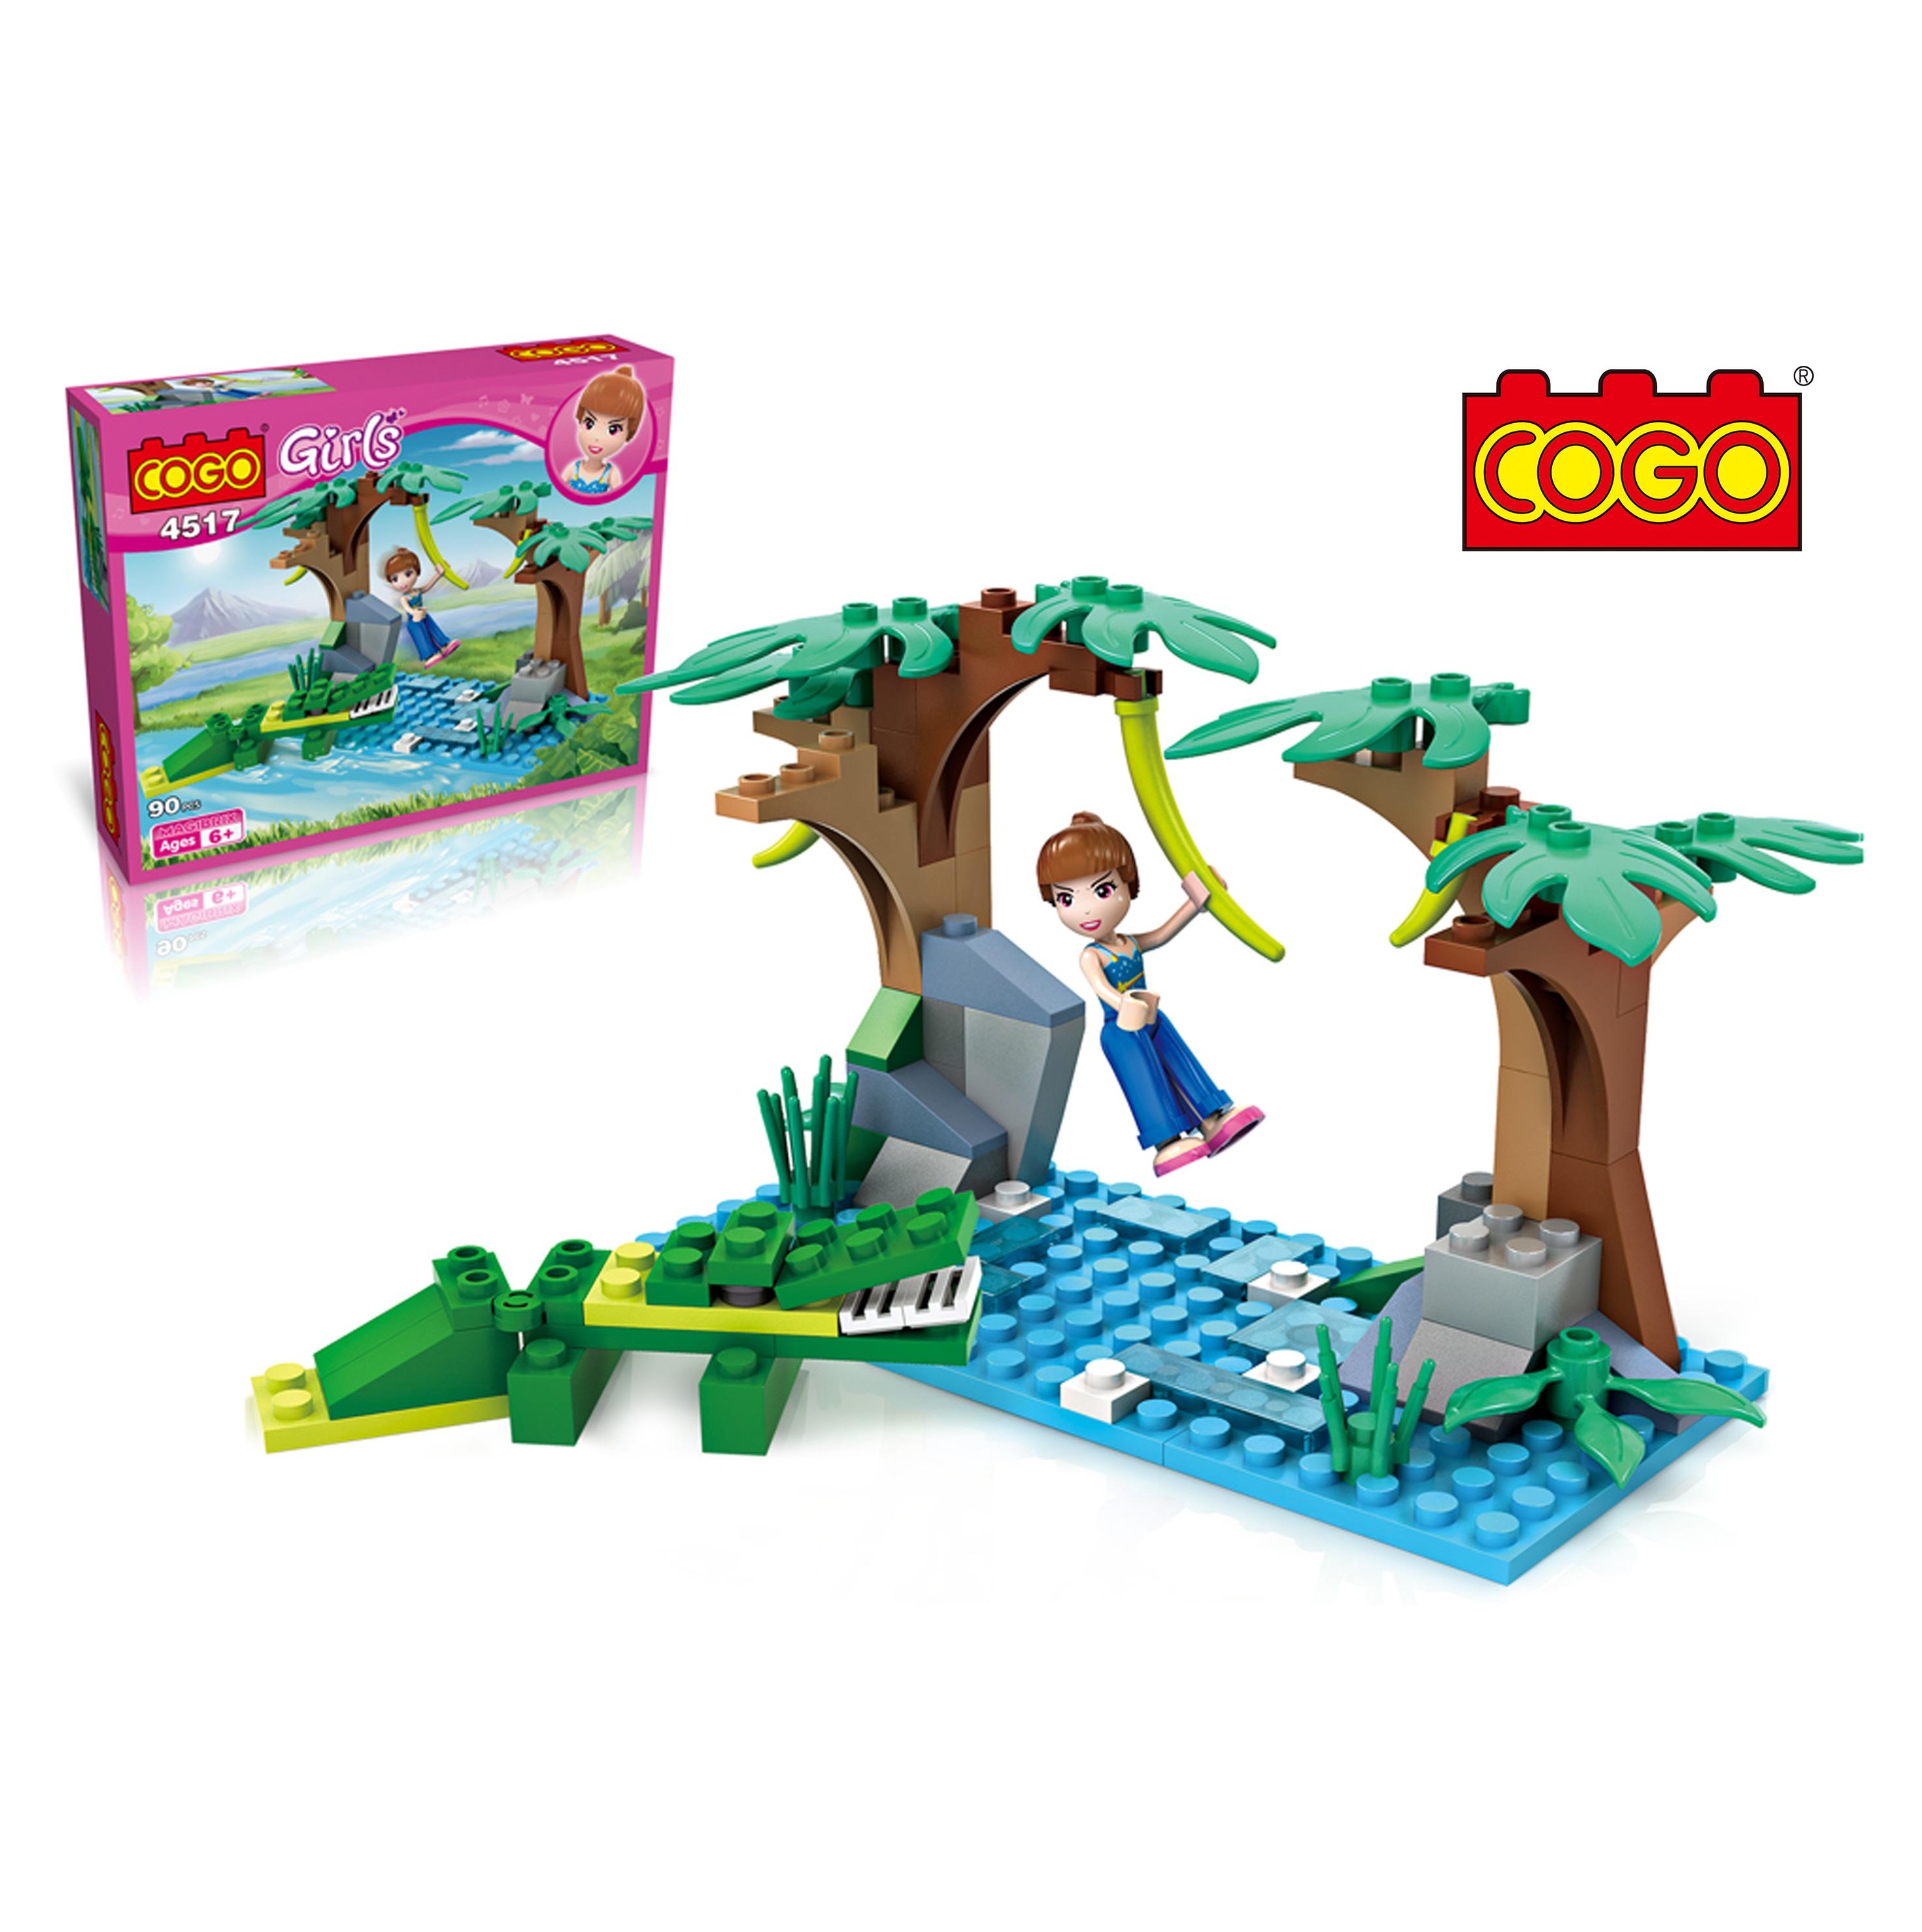 مكعبات بناء صغيرة الحجم من COGO field adventure التمساح للأطفال يلعبون